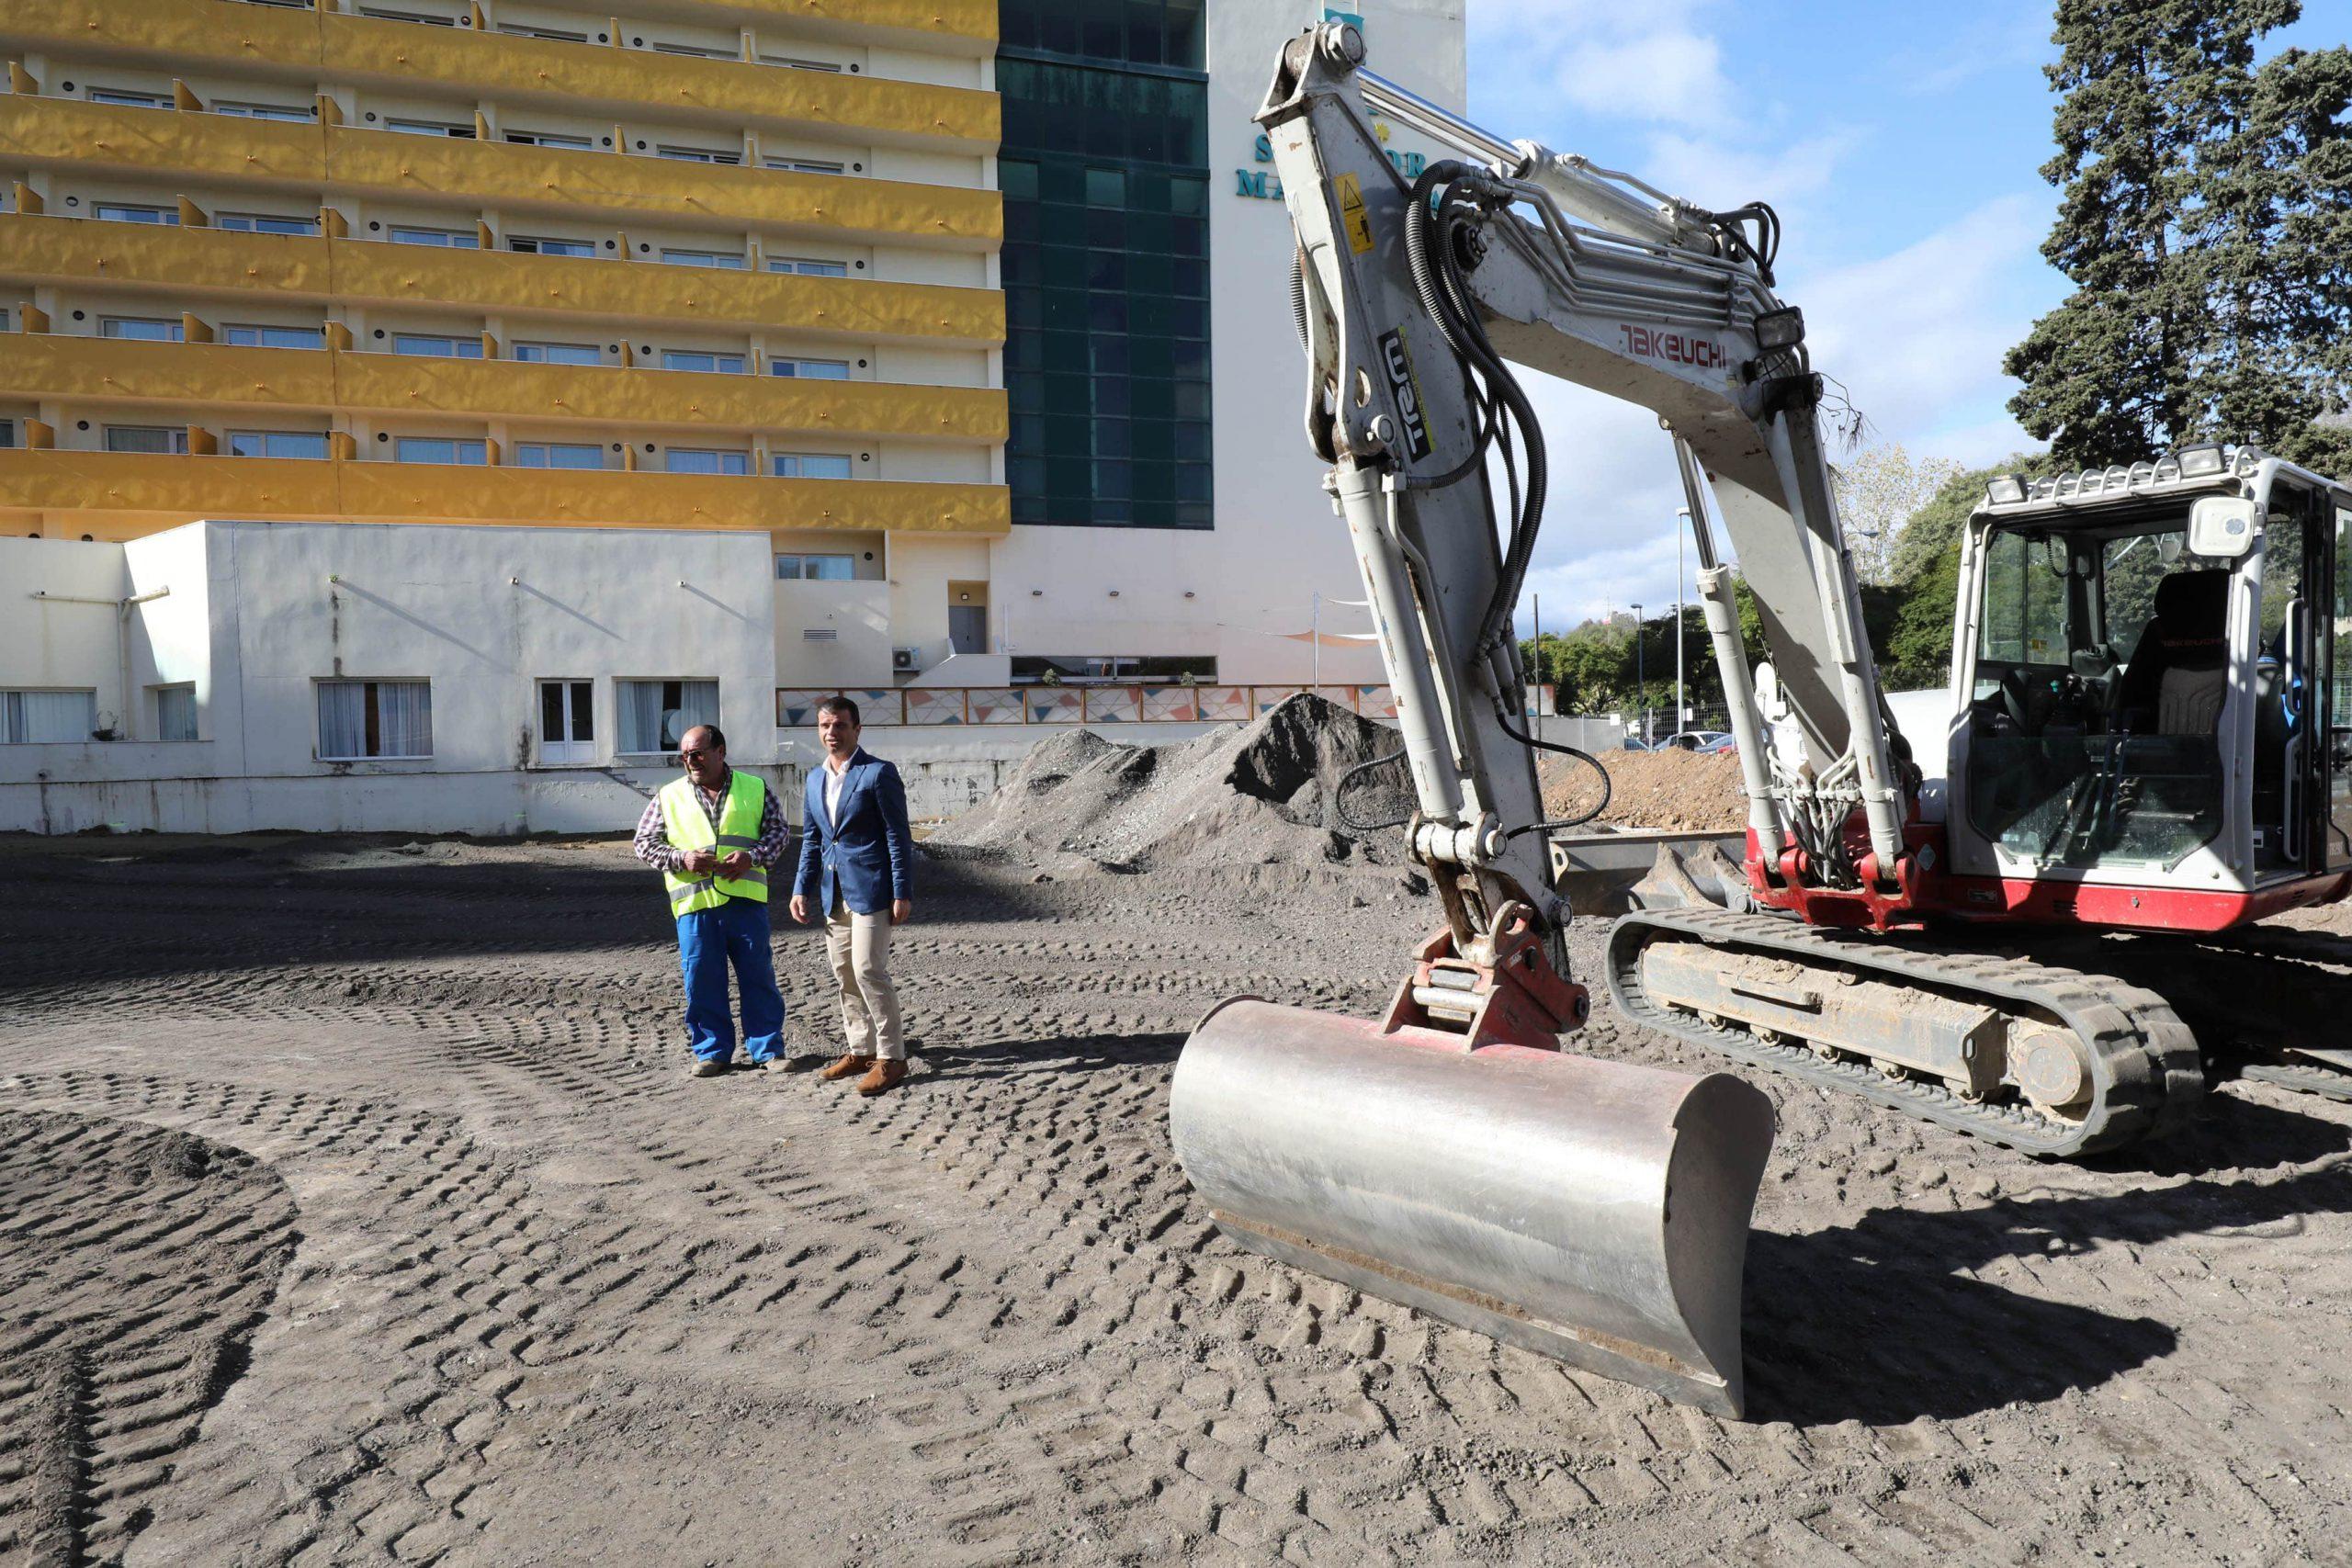 Comienzan las obras para habilitar un aparcamiento junto al Palacio de Congresos